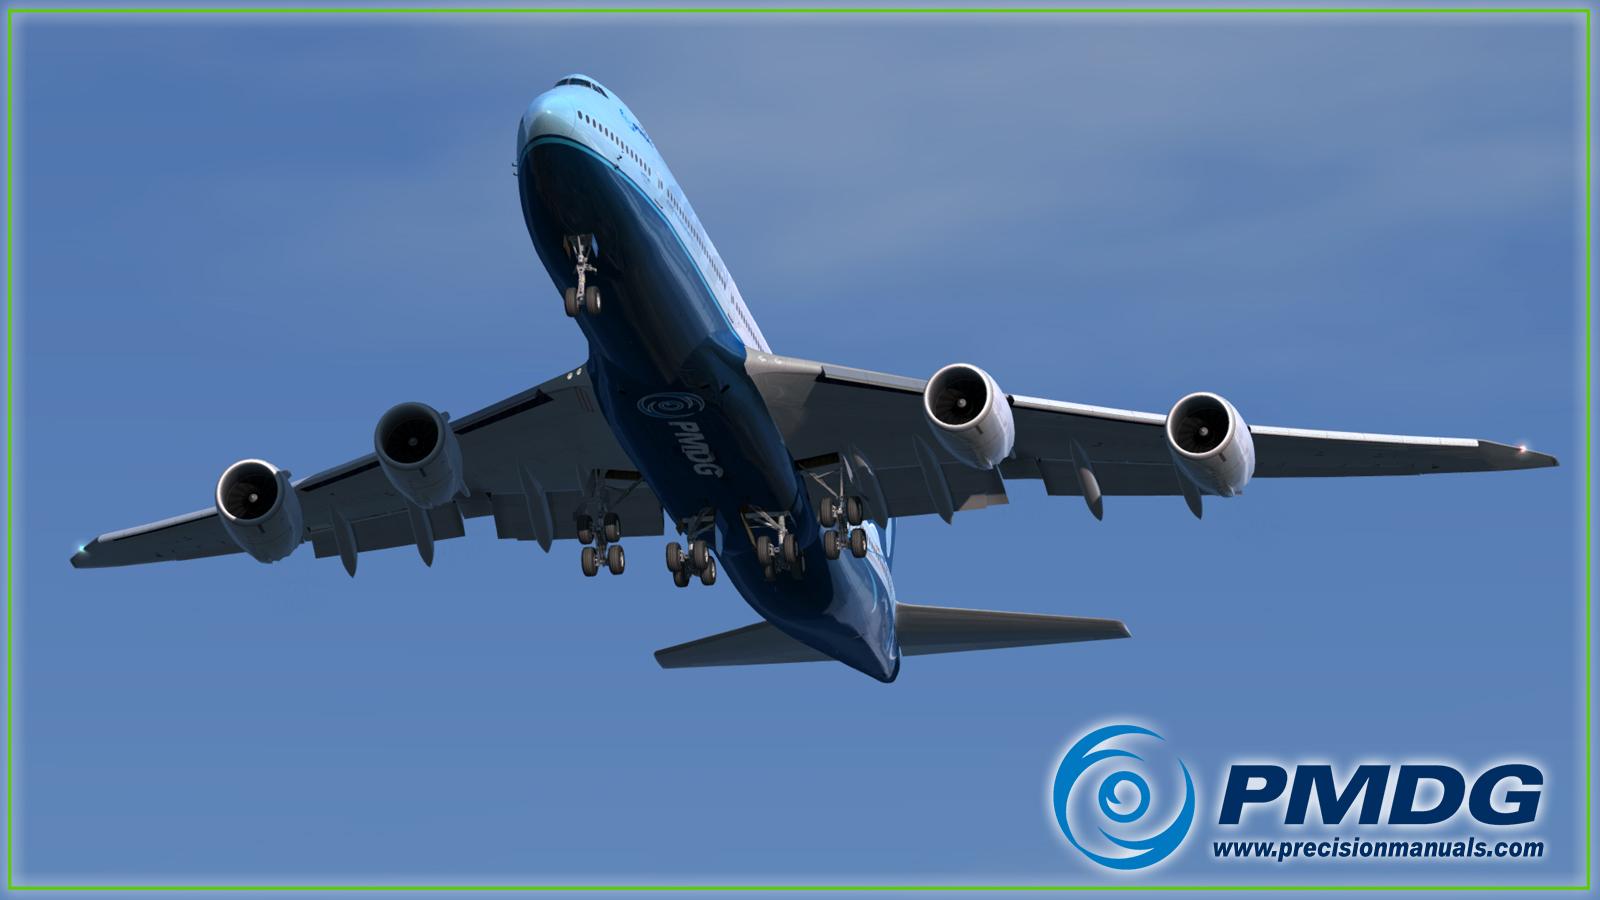 http://downloads.pmdg.com/forum/748/PMDG_748_landing.jpg